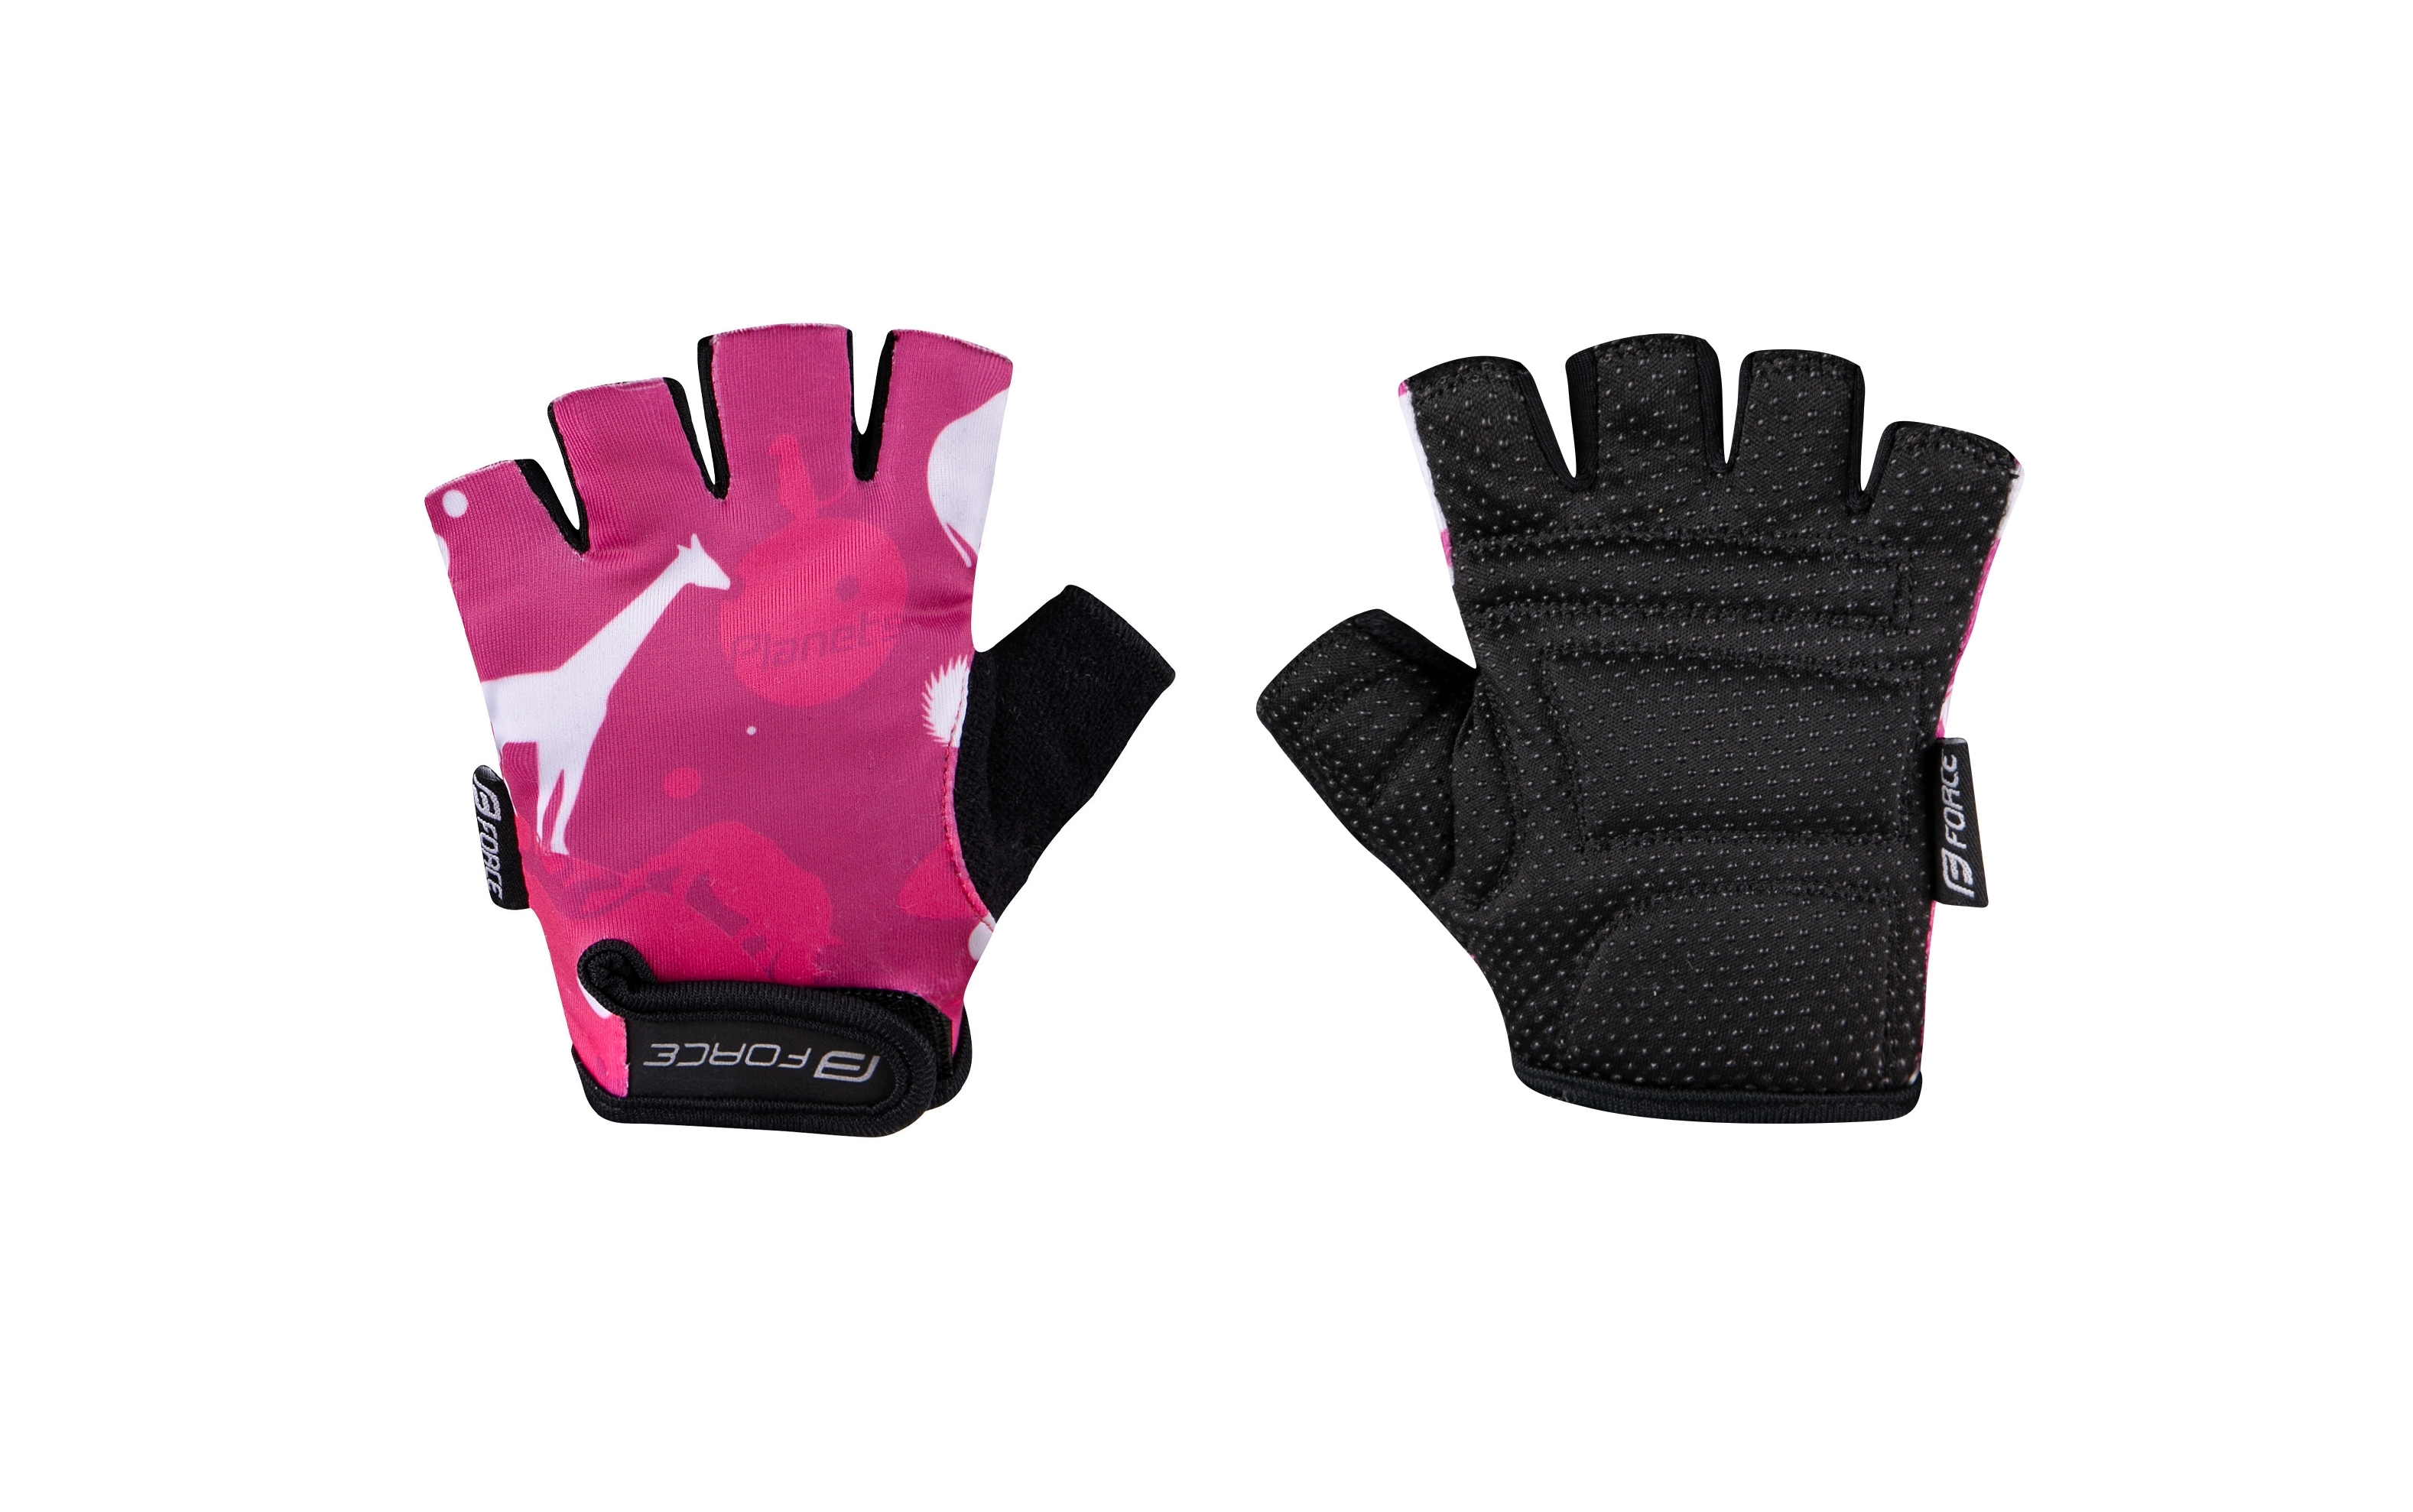 rukavice F PLANETS dětské, růžové M